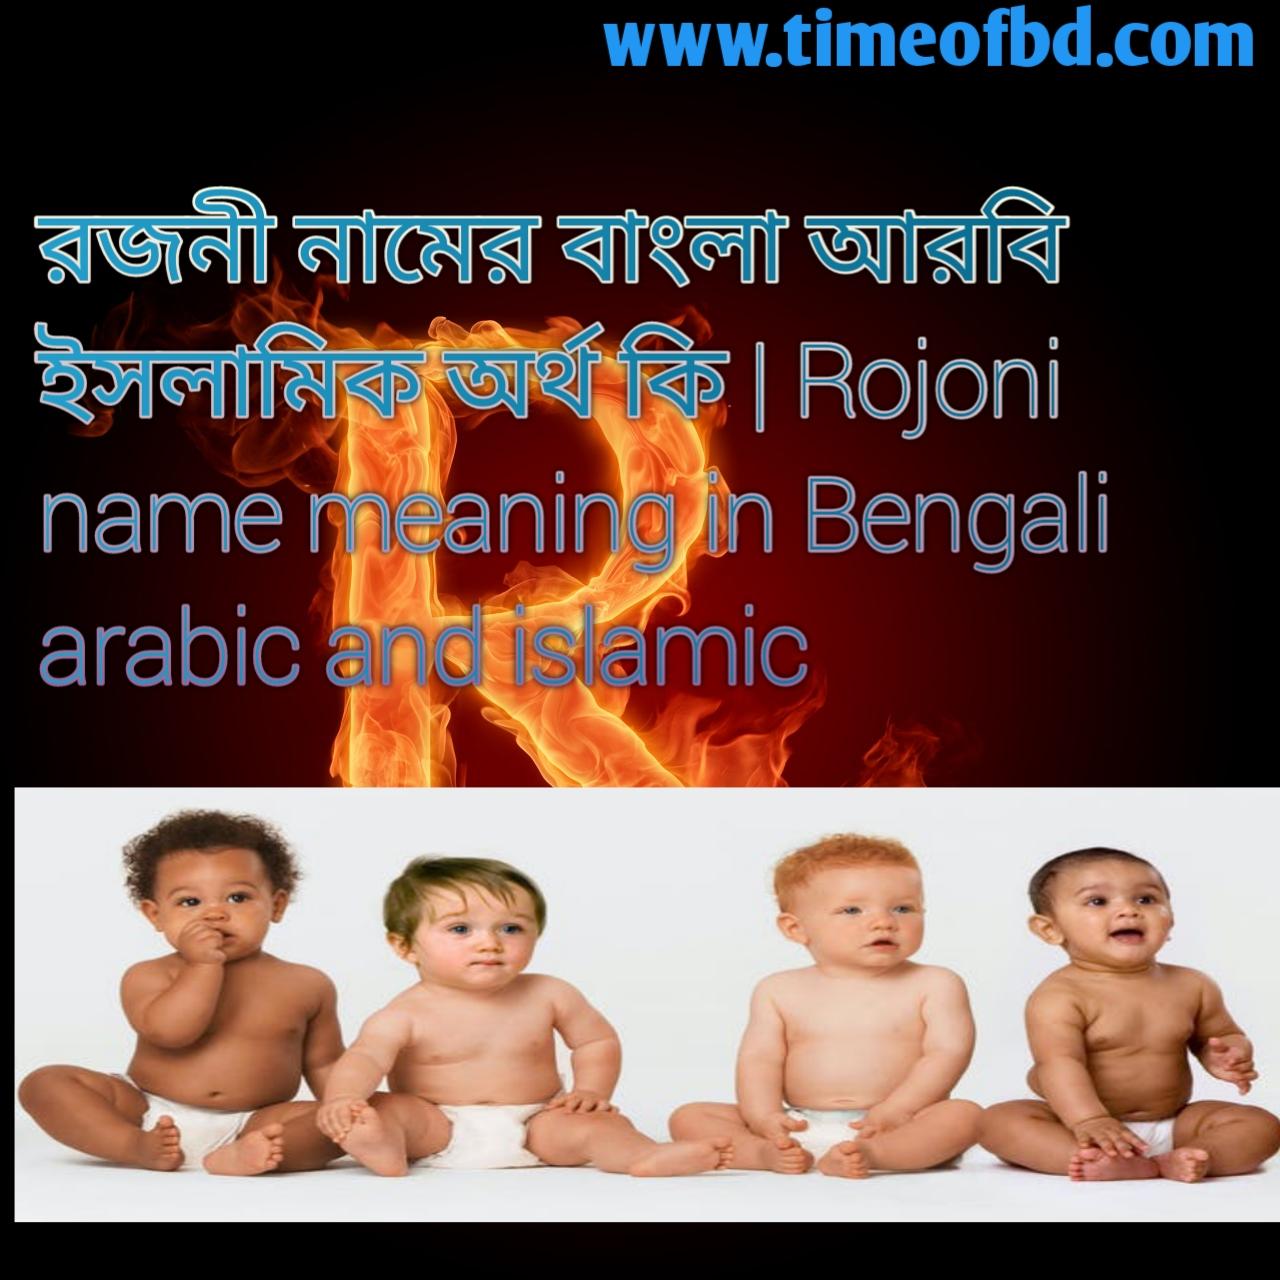 রজনী নামের অর্থ কি, রজনী নামের বাংলা অর্থ কি, রজনী নামের ইসলামিক অর্থ কি, Rojoni name meaning in Bengali, রজনী কি ইসলামিক নাম,